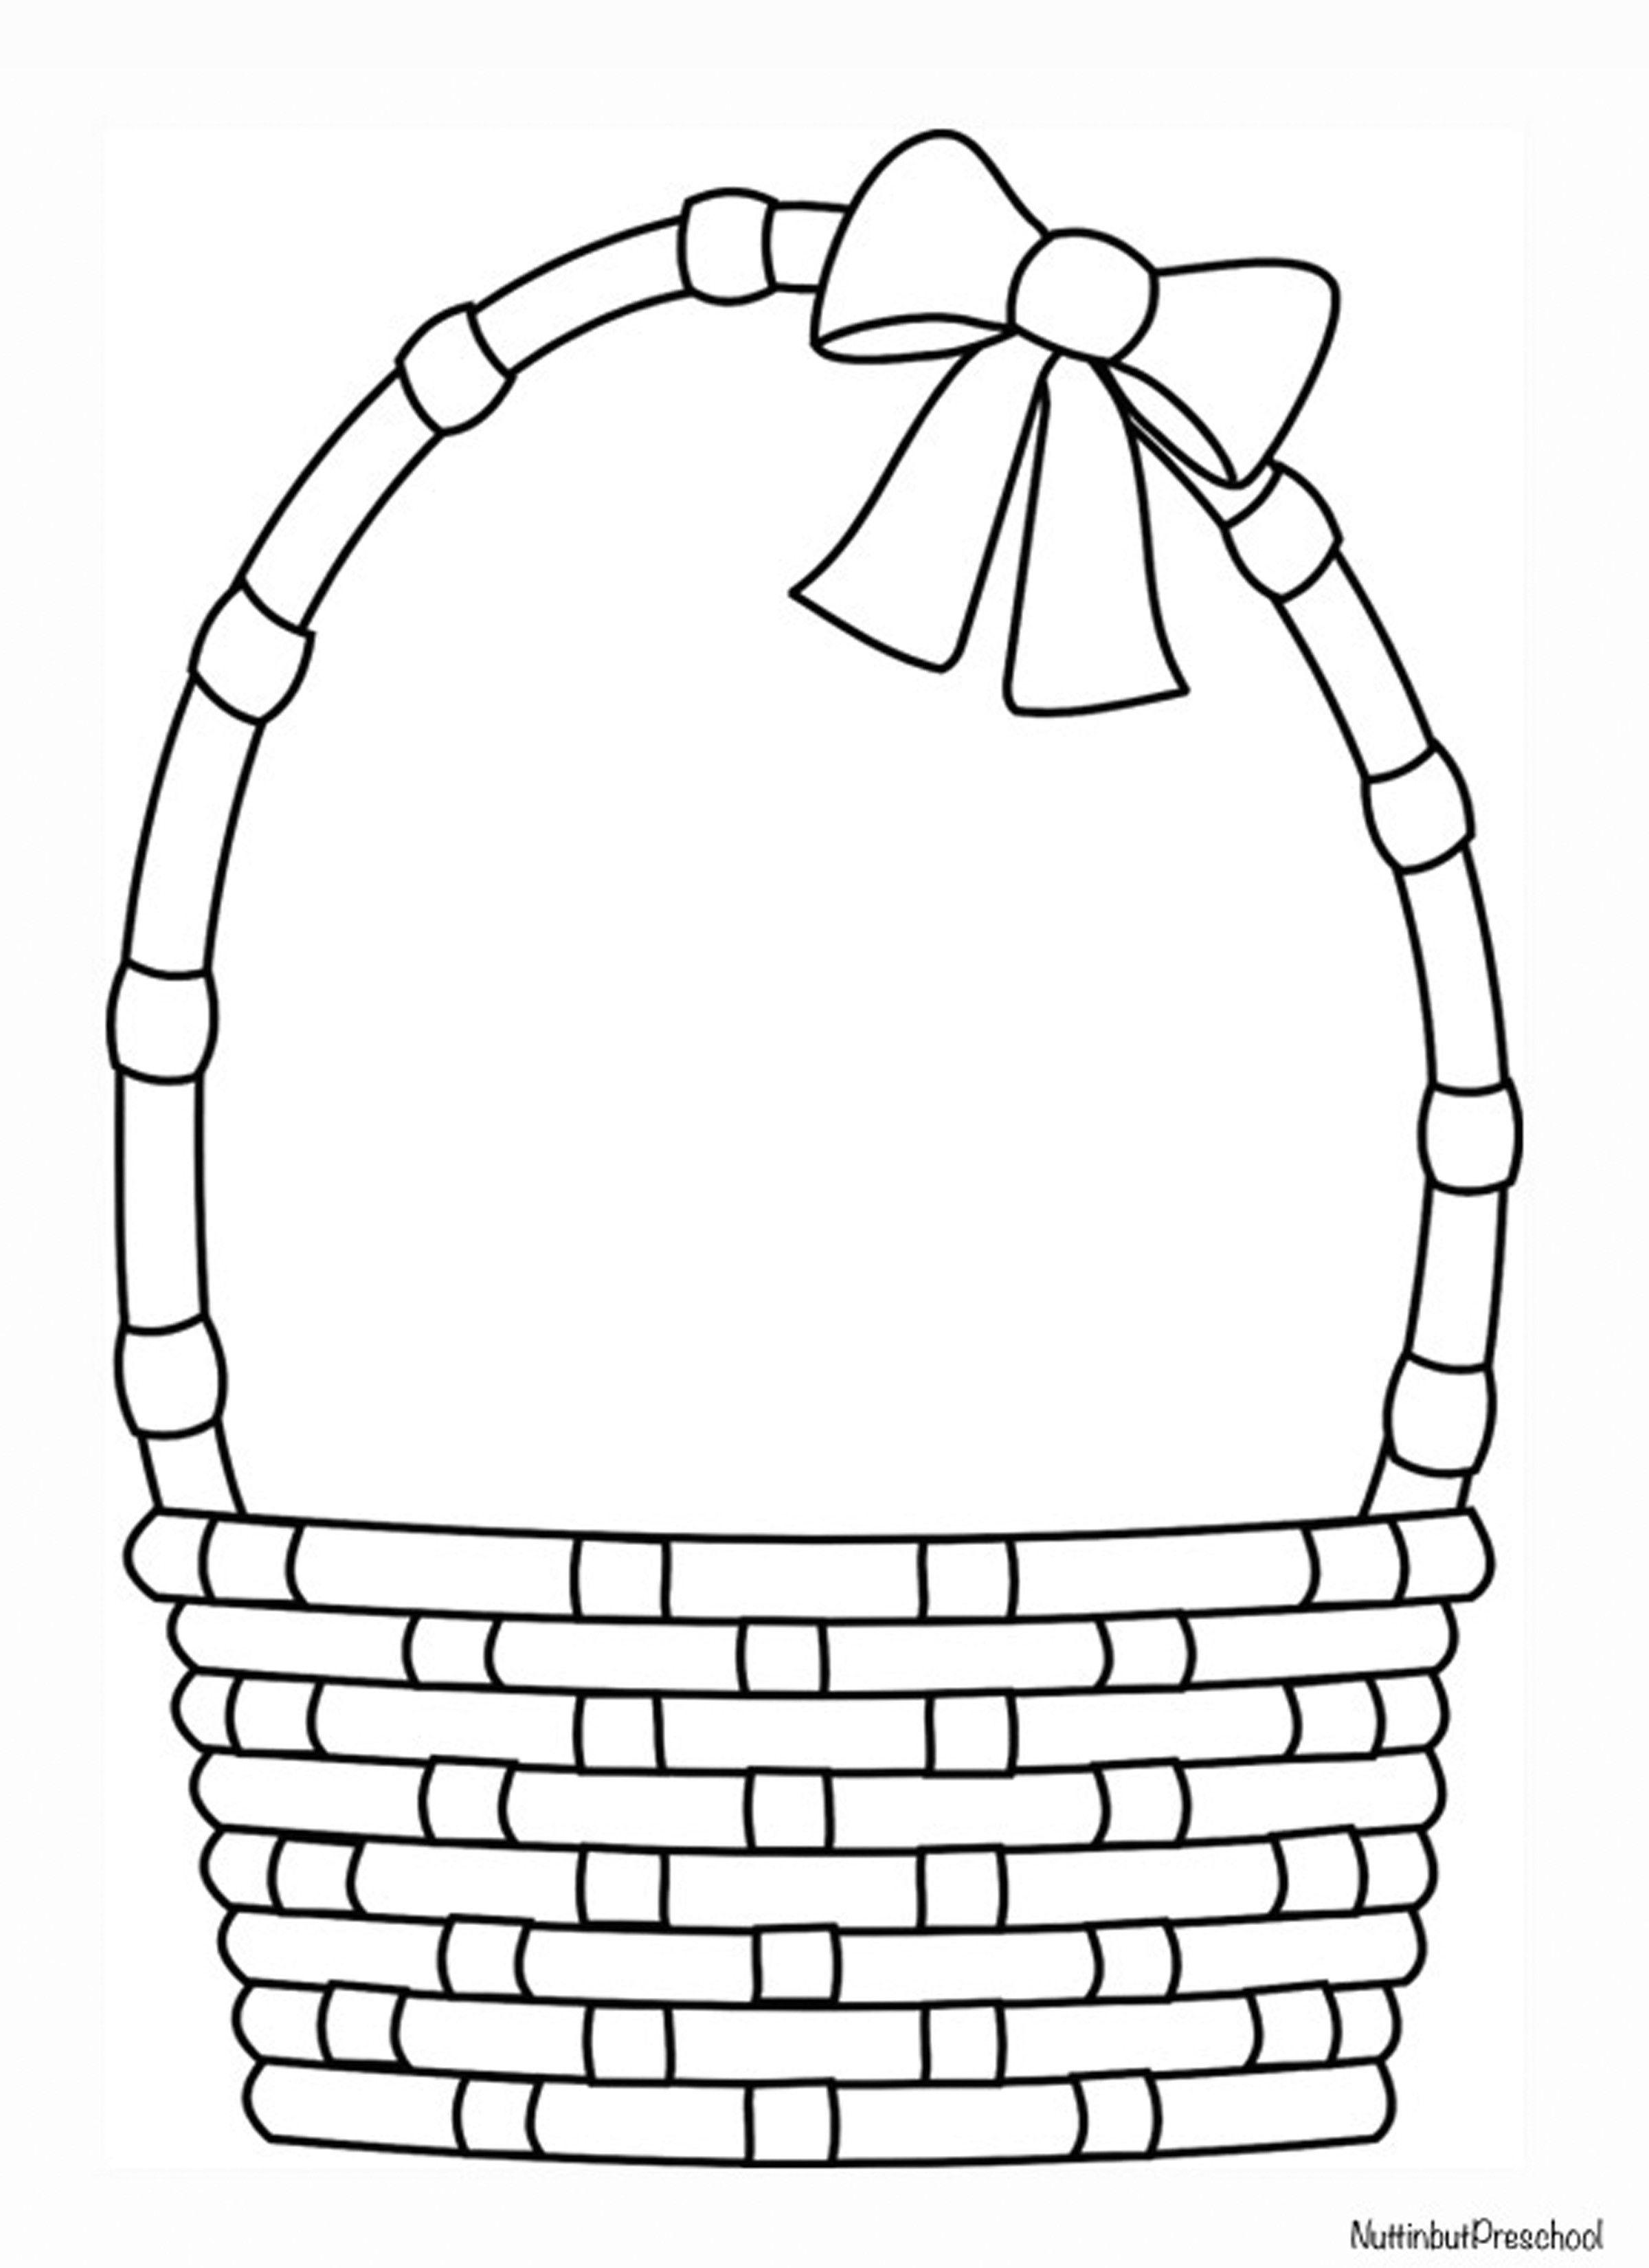 Printables Easter Basket Printable Easter Basket Pattern Easter Colouring